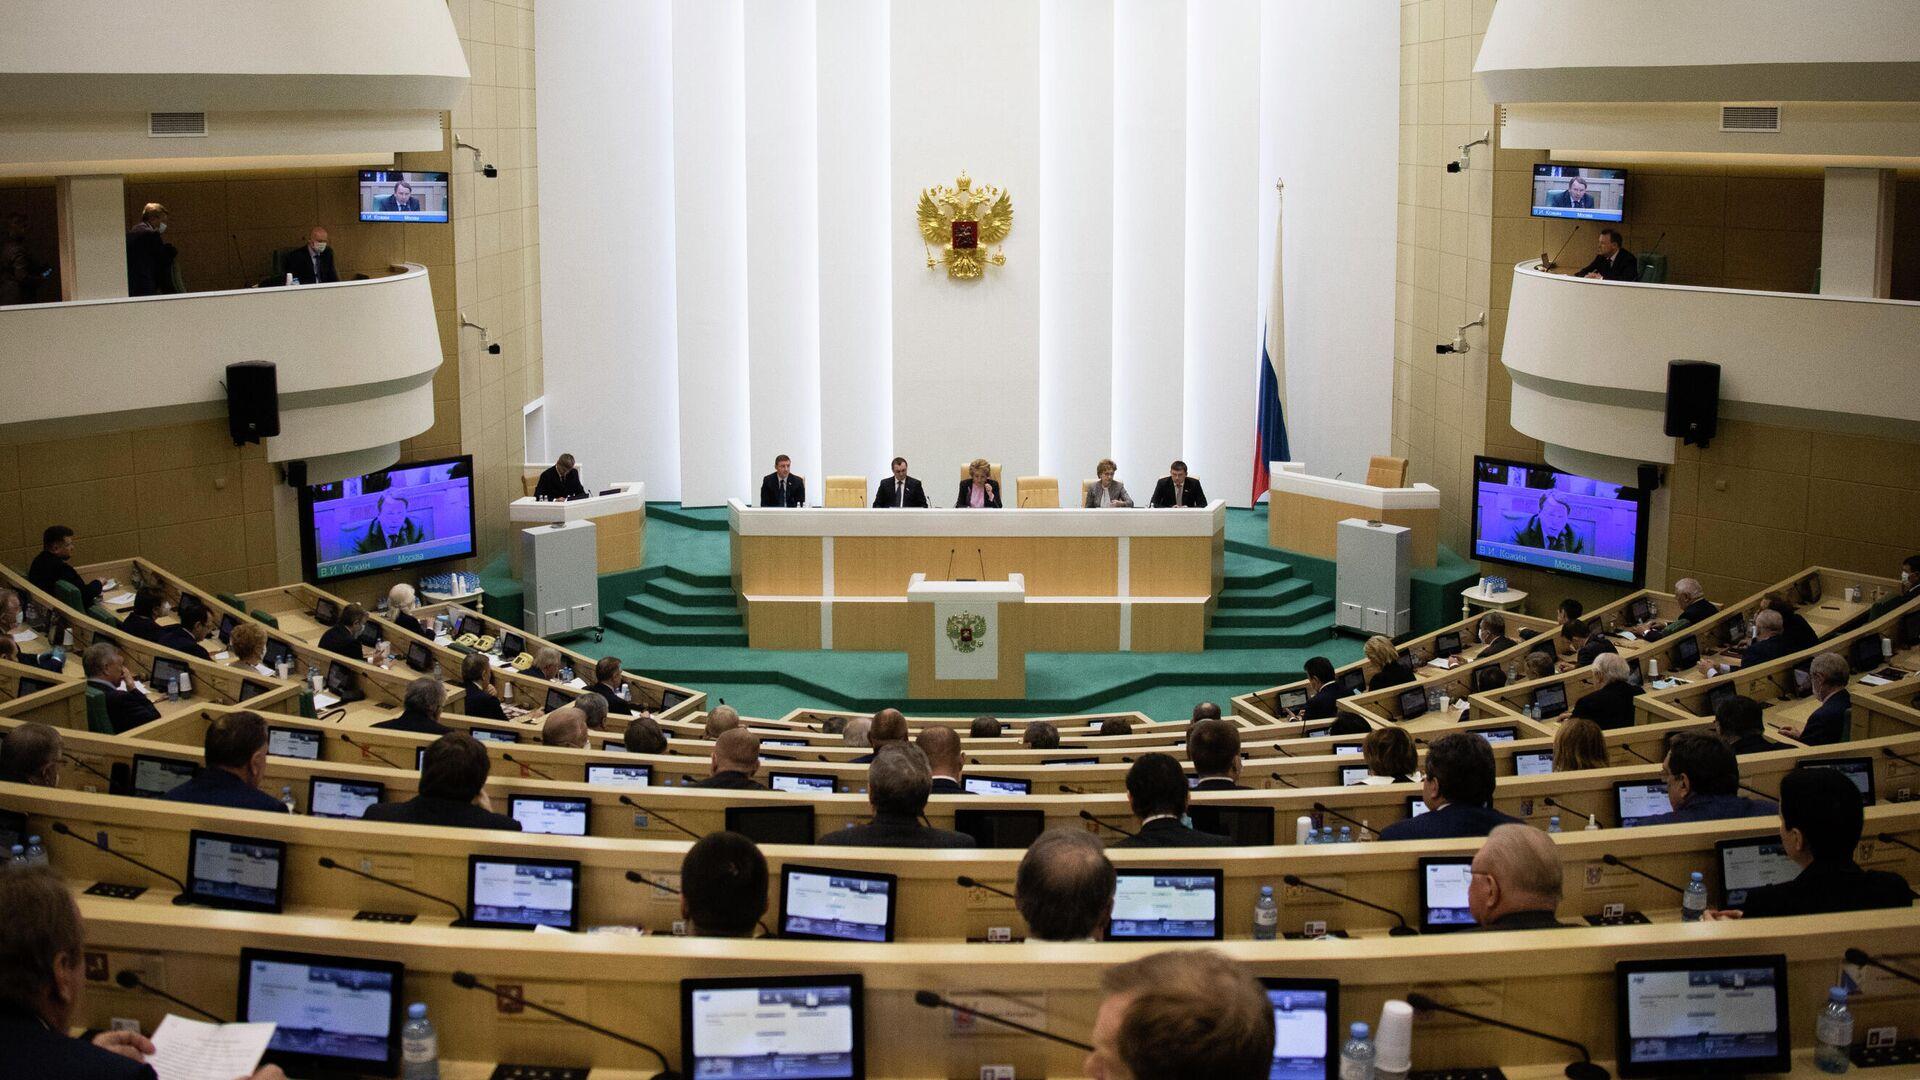 Сенаторы на заседании Совета Федерации РФ - РИА Новости, 1920, 14.07.2020